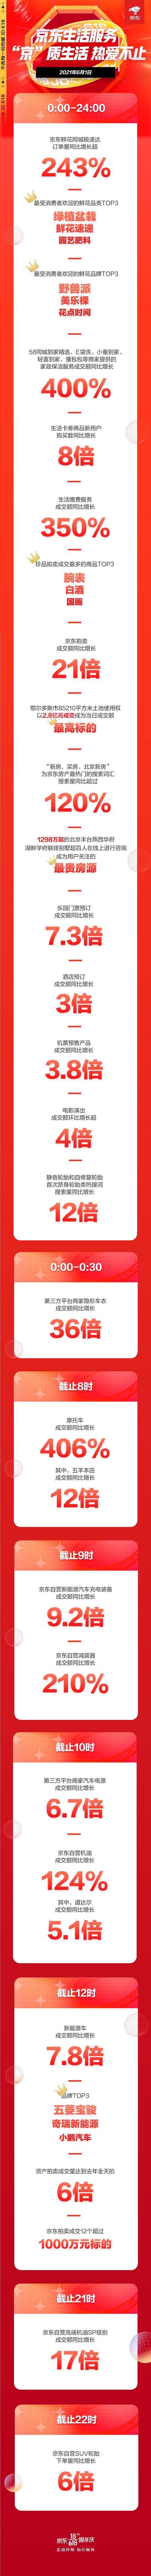 京东618开门红展现服务型消费趋势 鲜花同城极速达订单量同比增长243%